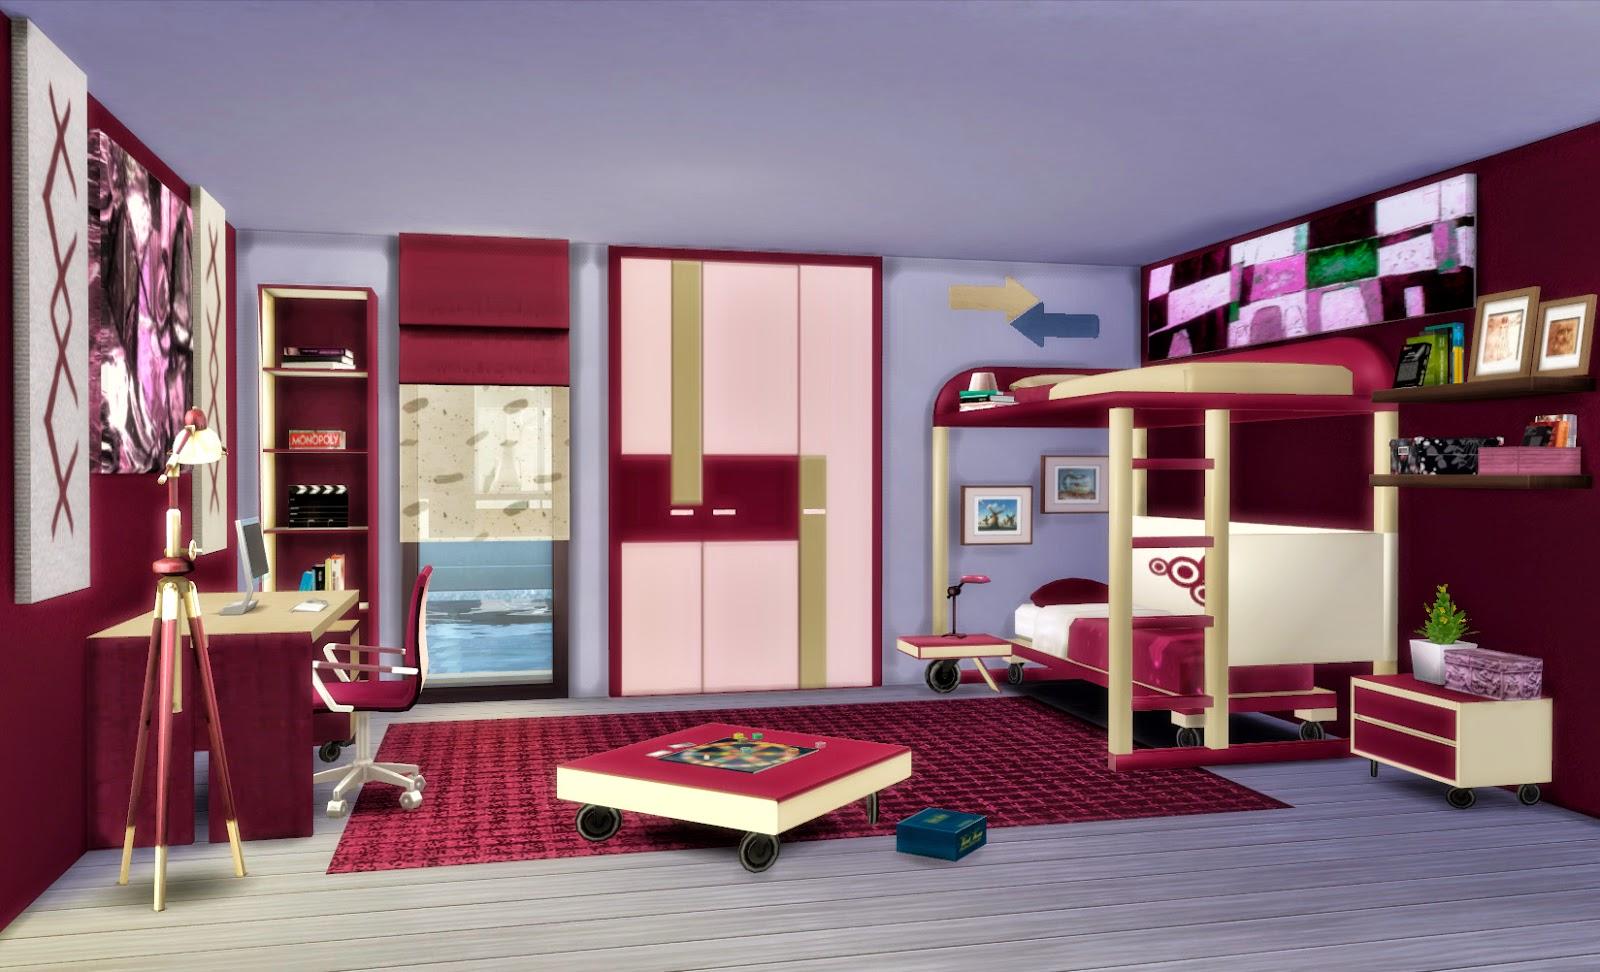 Sims 4 dormitorio ivan for Cuartos para ninos sims 4